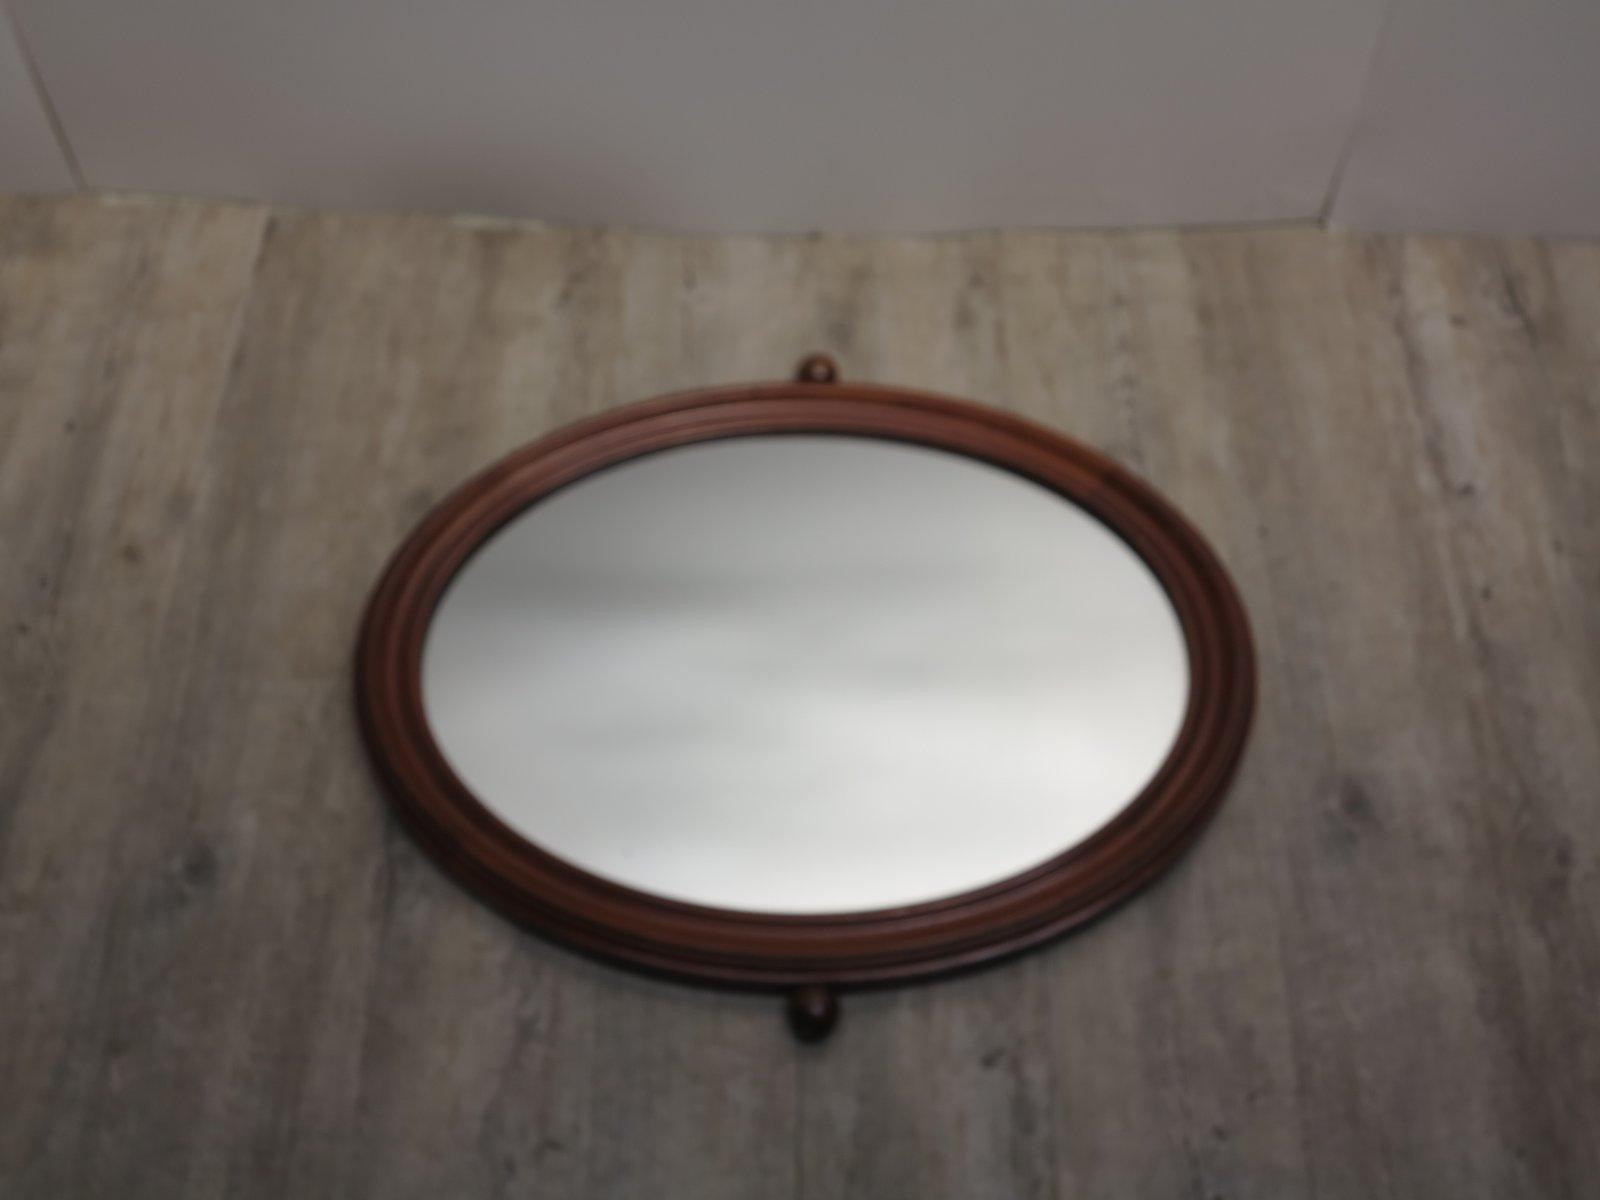 vintage jugendstil spiegel mit holzrahmen bei pamono kaufen. Black Bedroom Furniture Sets. Home Design Ideas